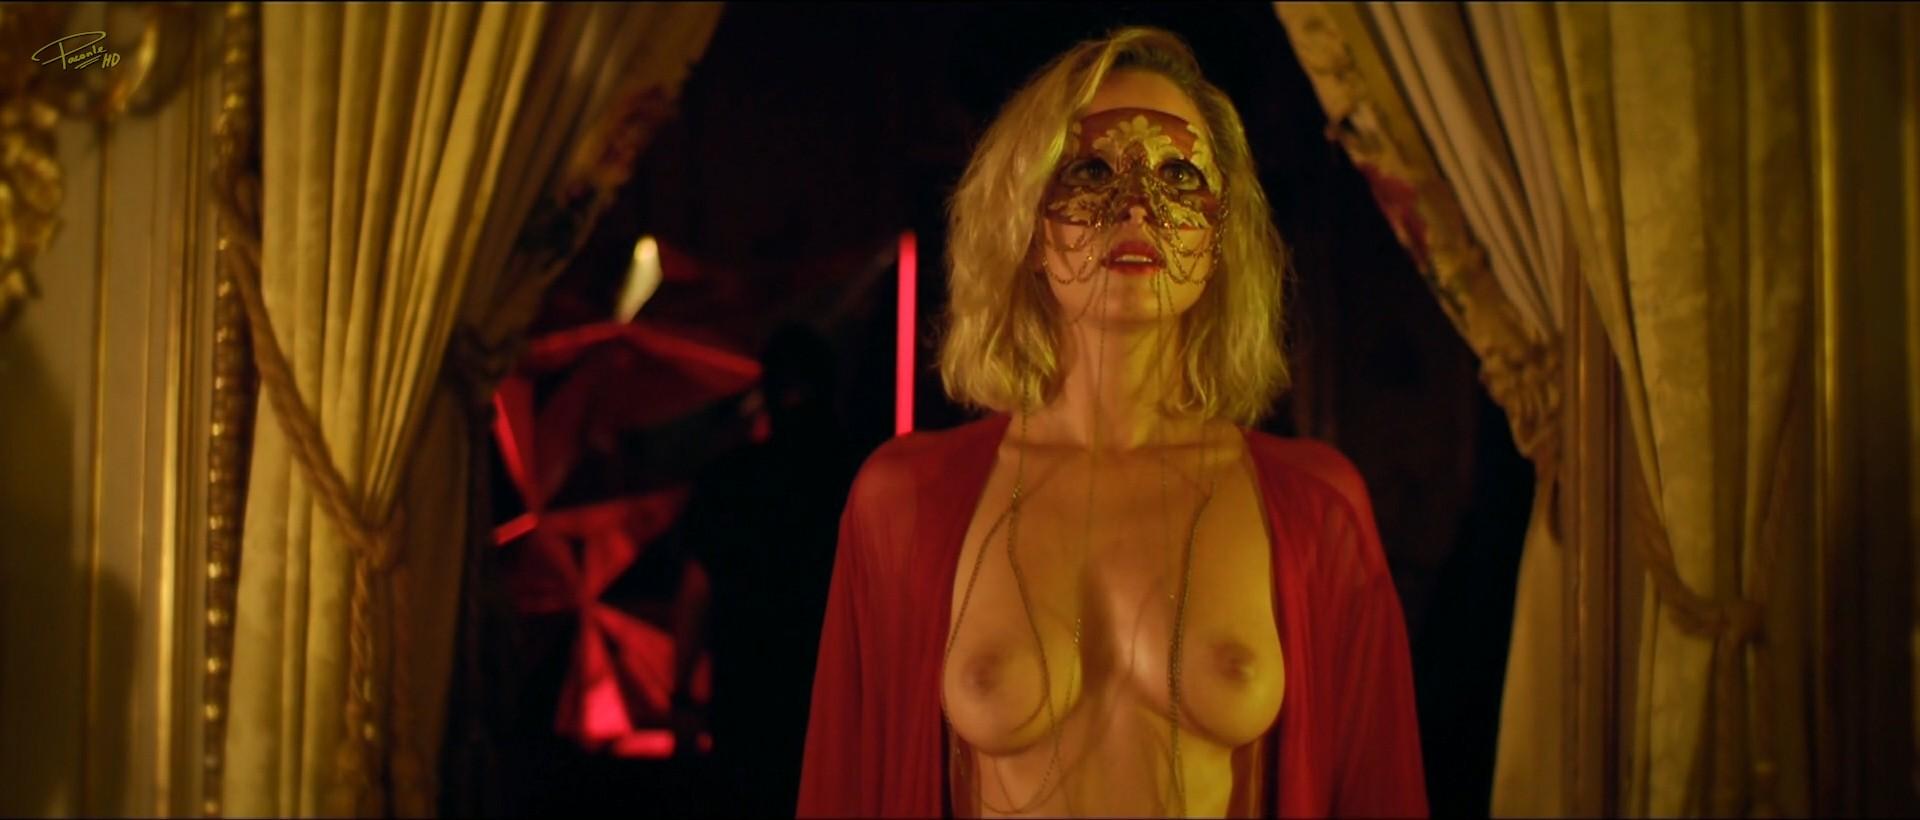 Actrices Españolas En Pelotas silvia alonso desnuda - fotos y vídeos - imperiodefamosas